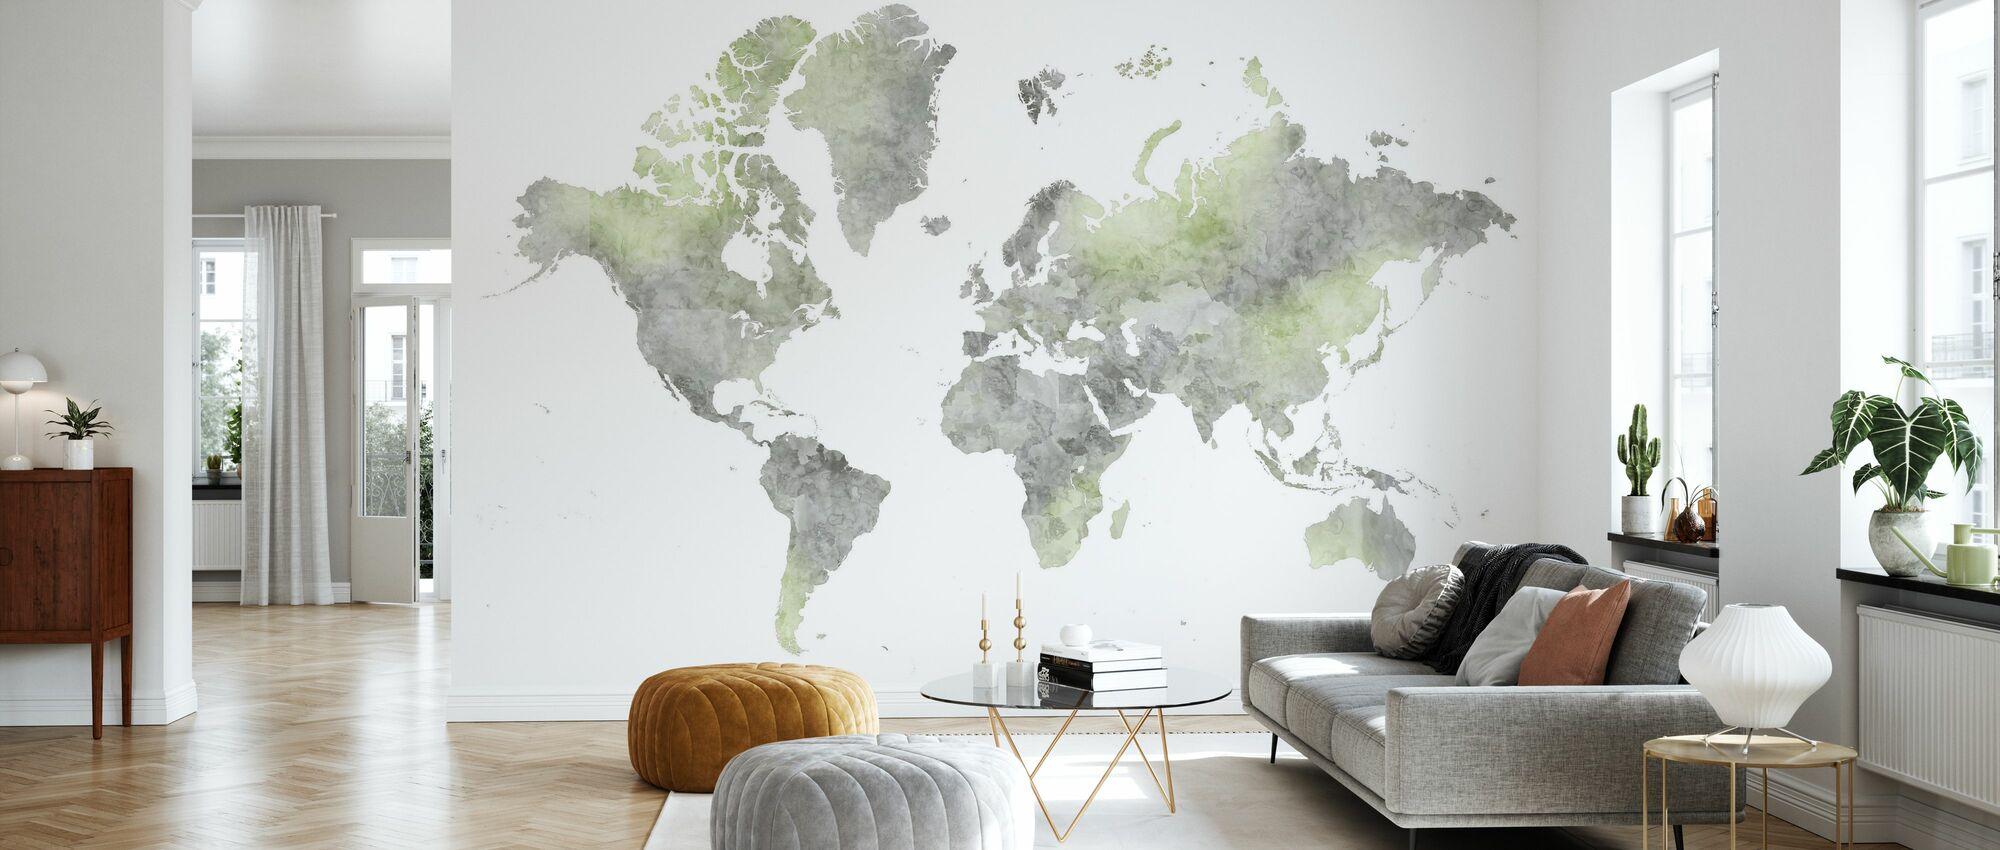 Weltkarte ohne Text II - Tapete - Wohnzimmer